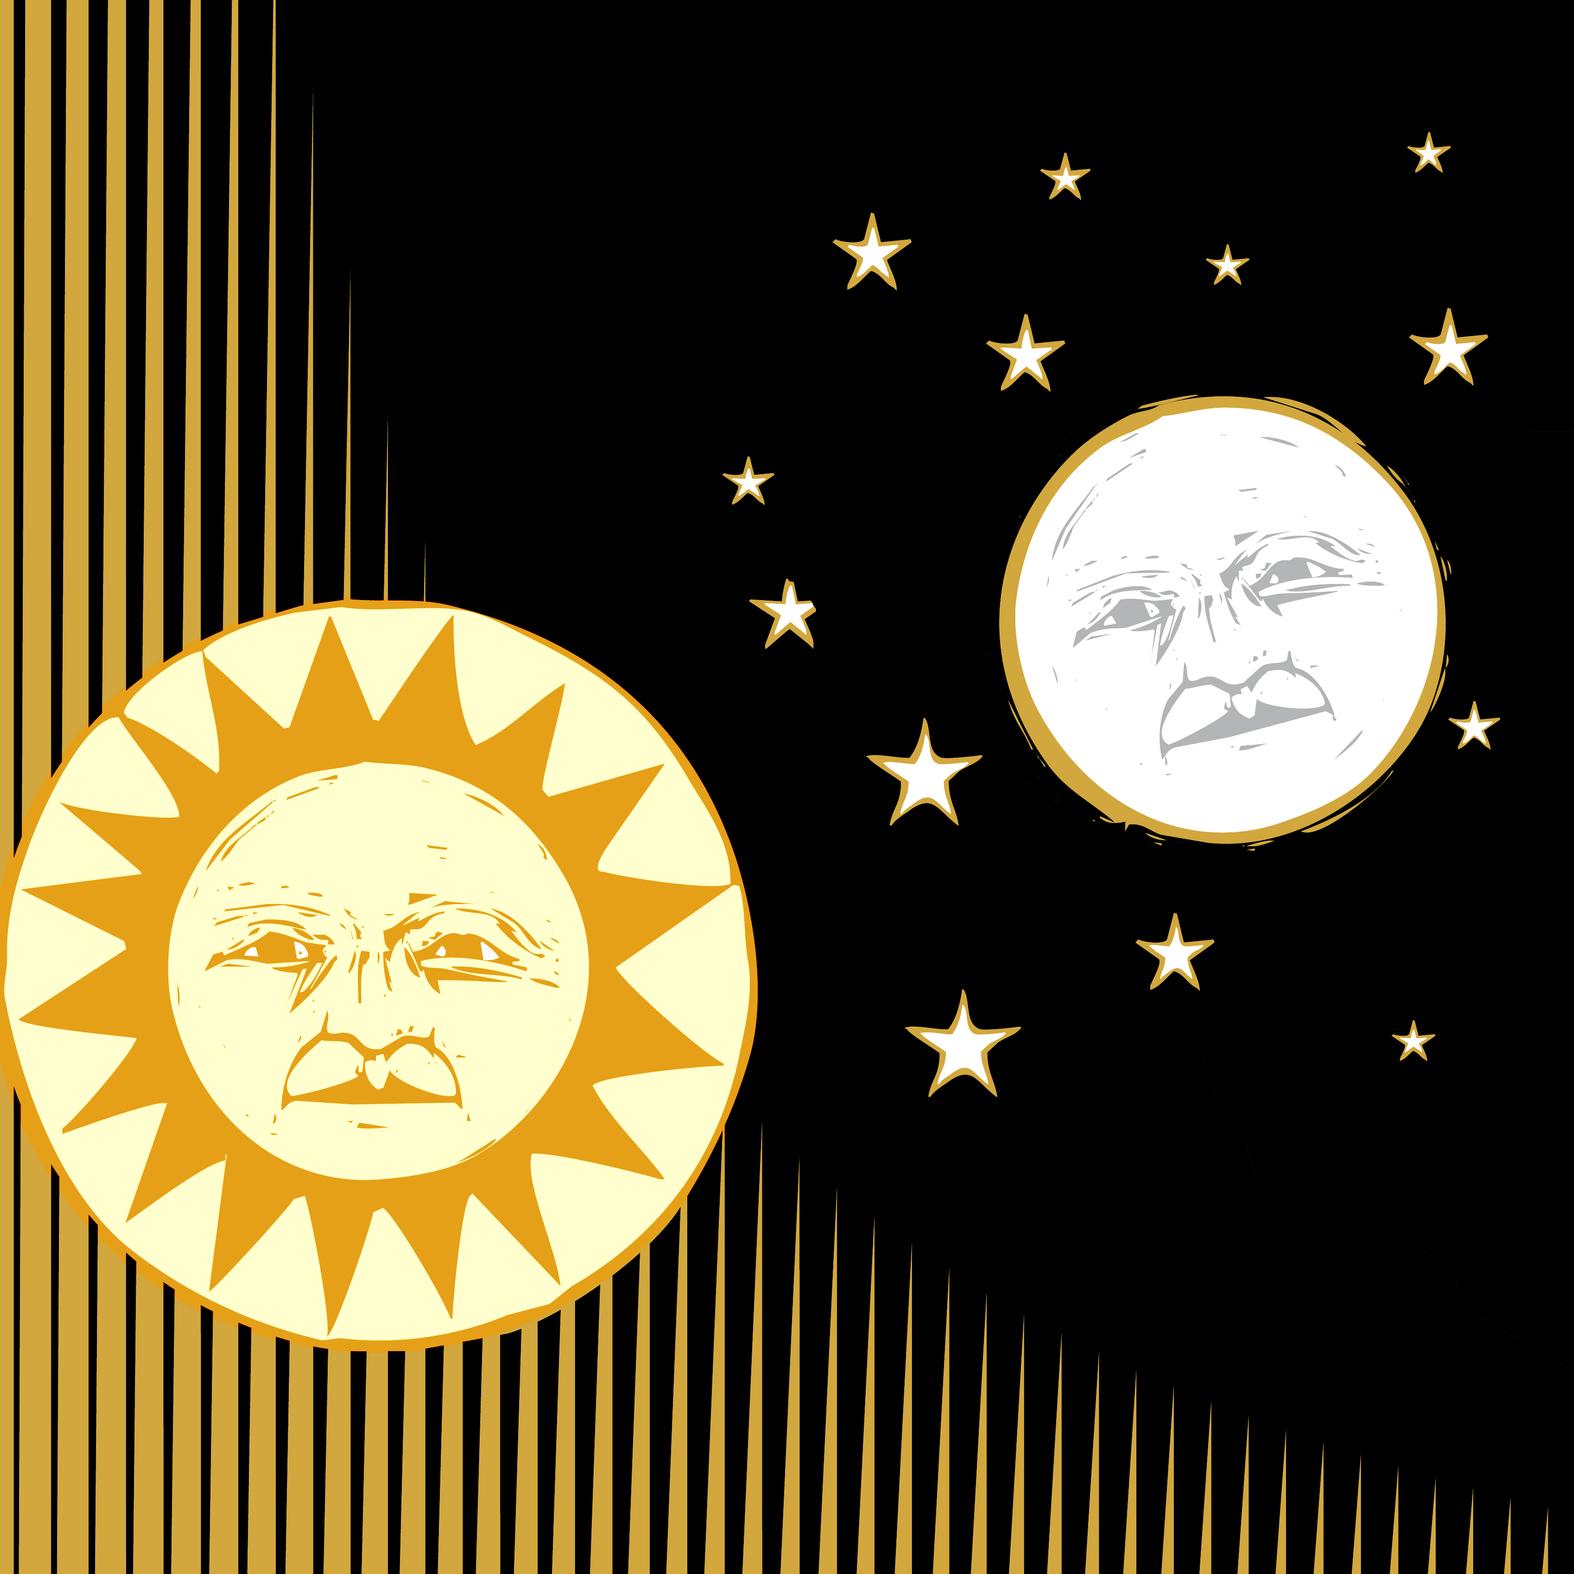 chandra surya lune soleil namaskar salutation